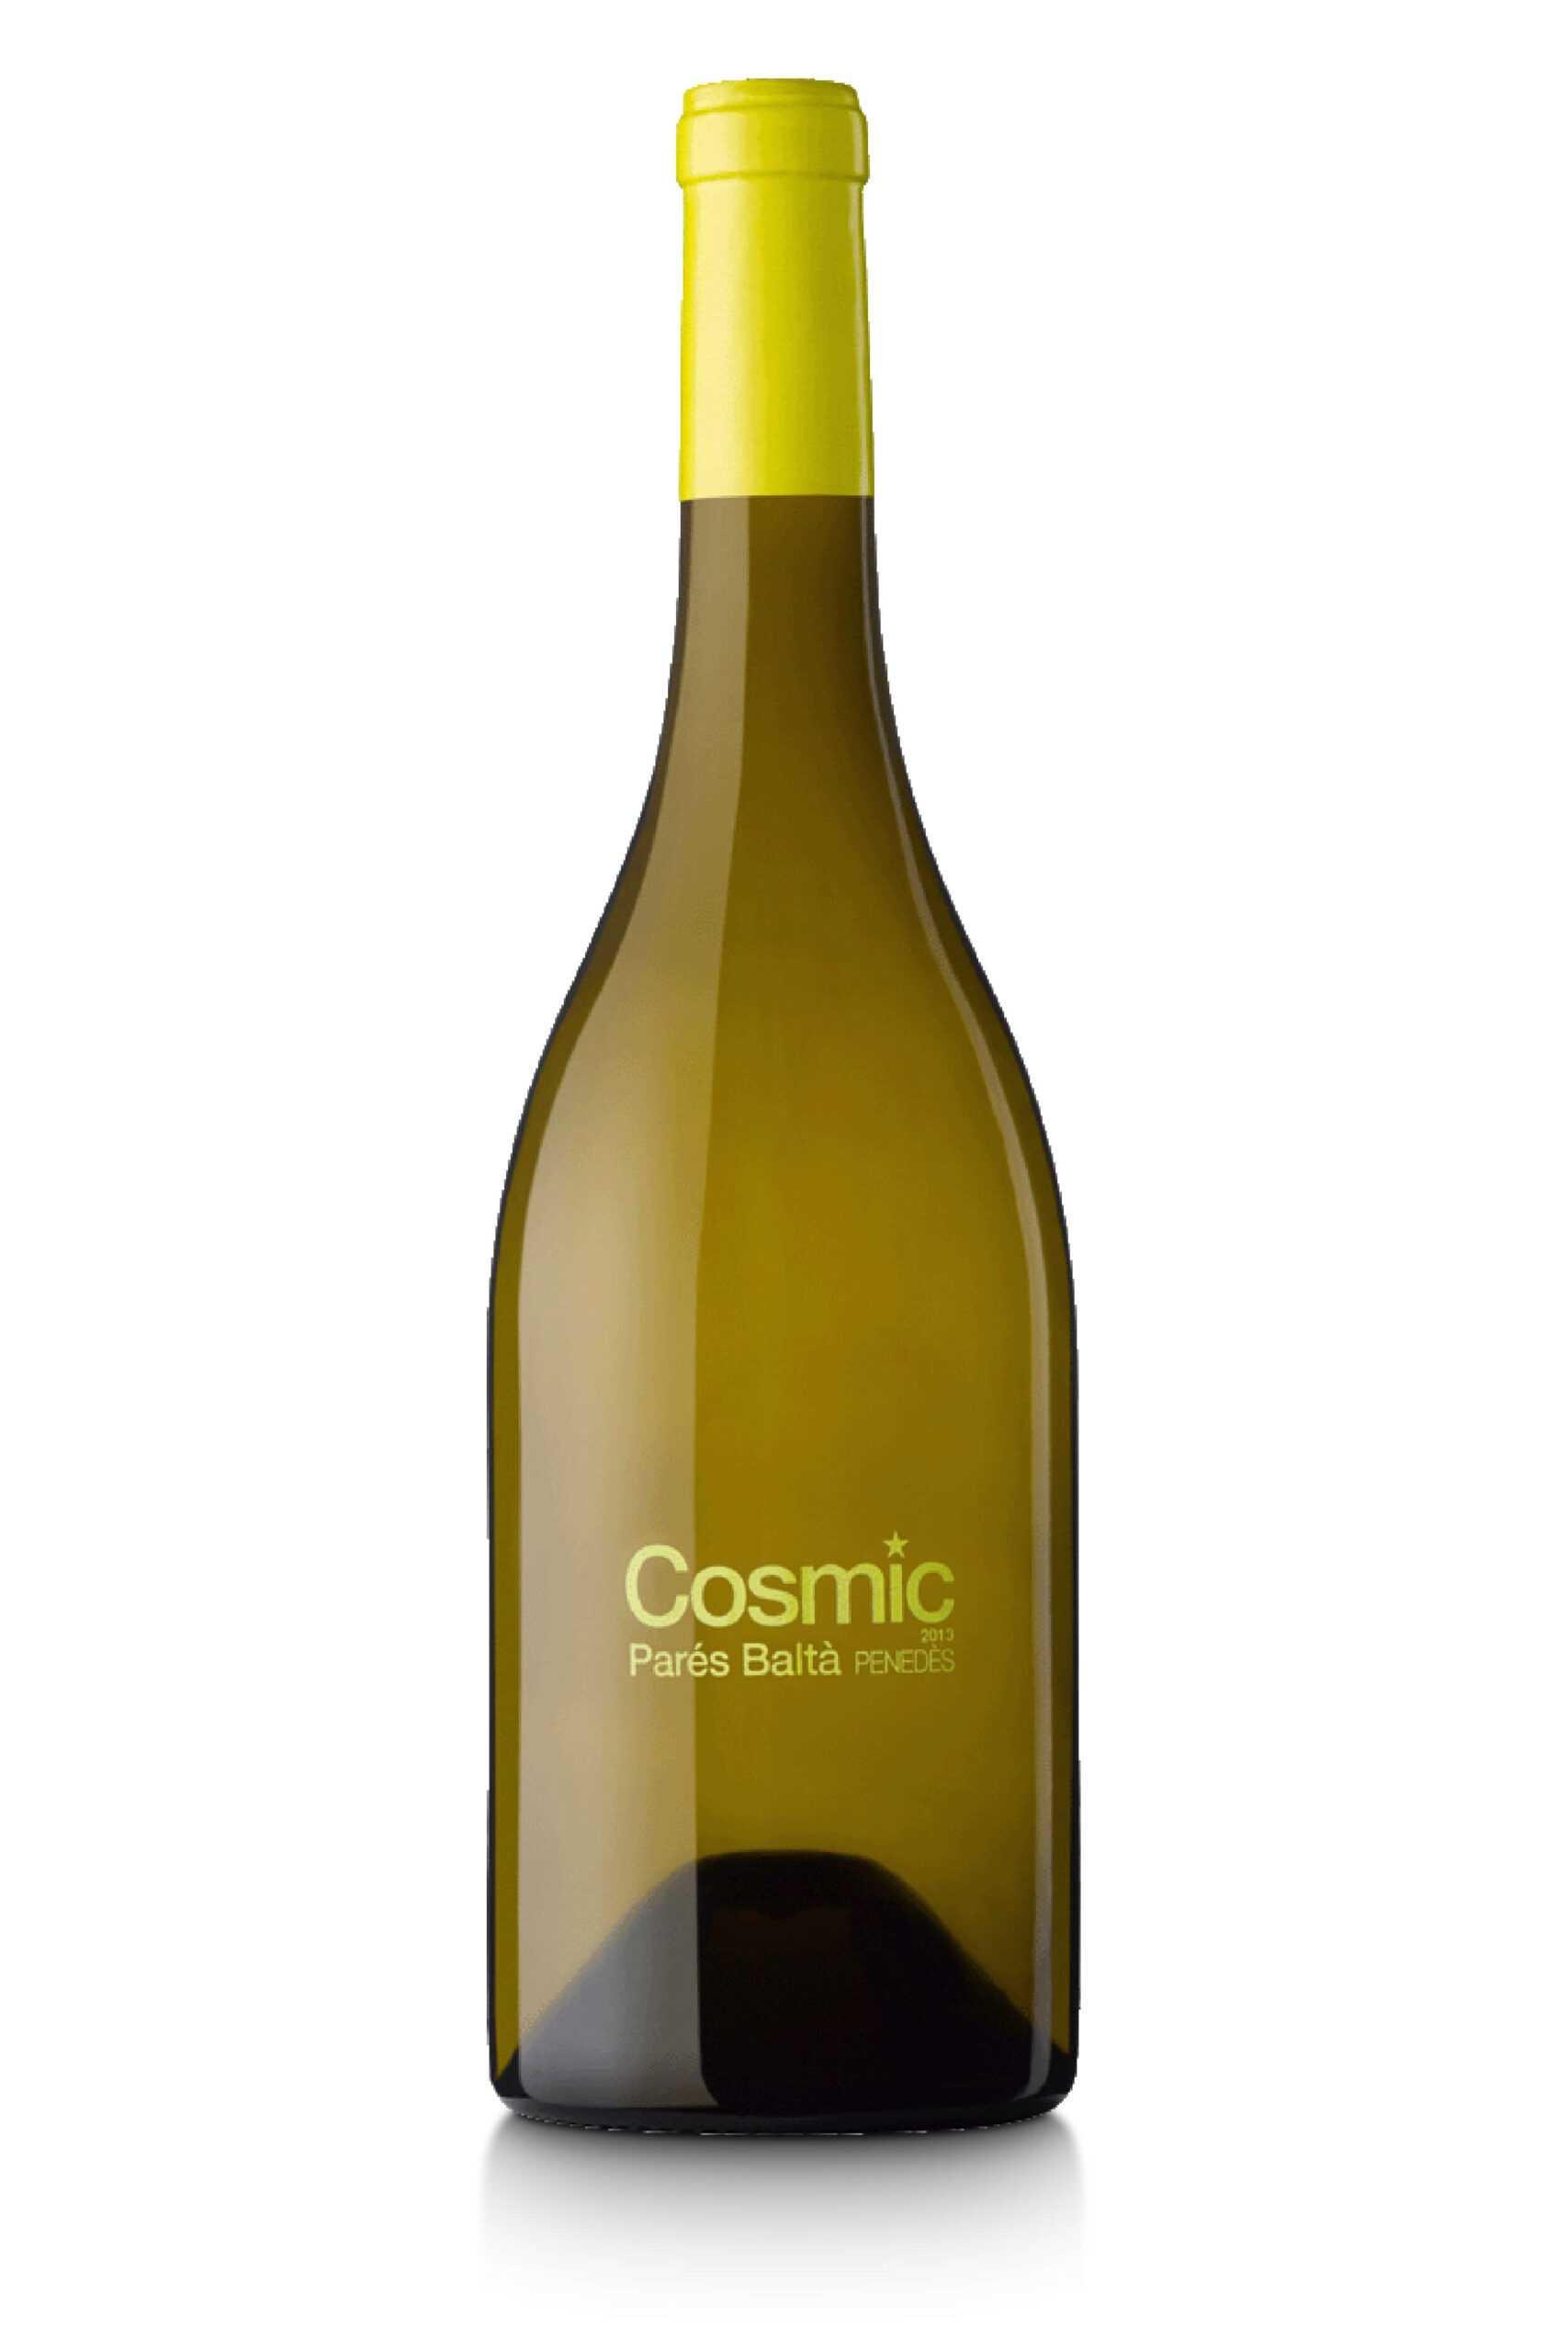 Cosmic 2020 vino cosmic pares balta scaled